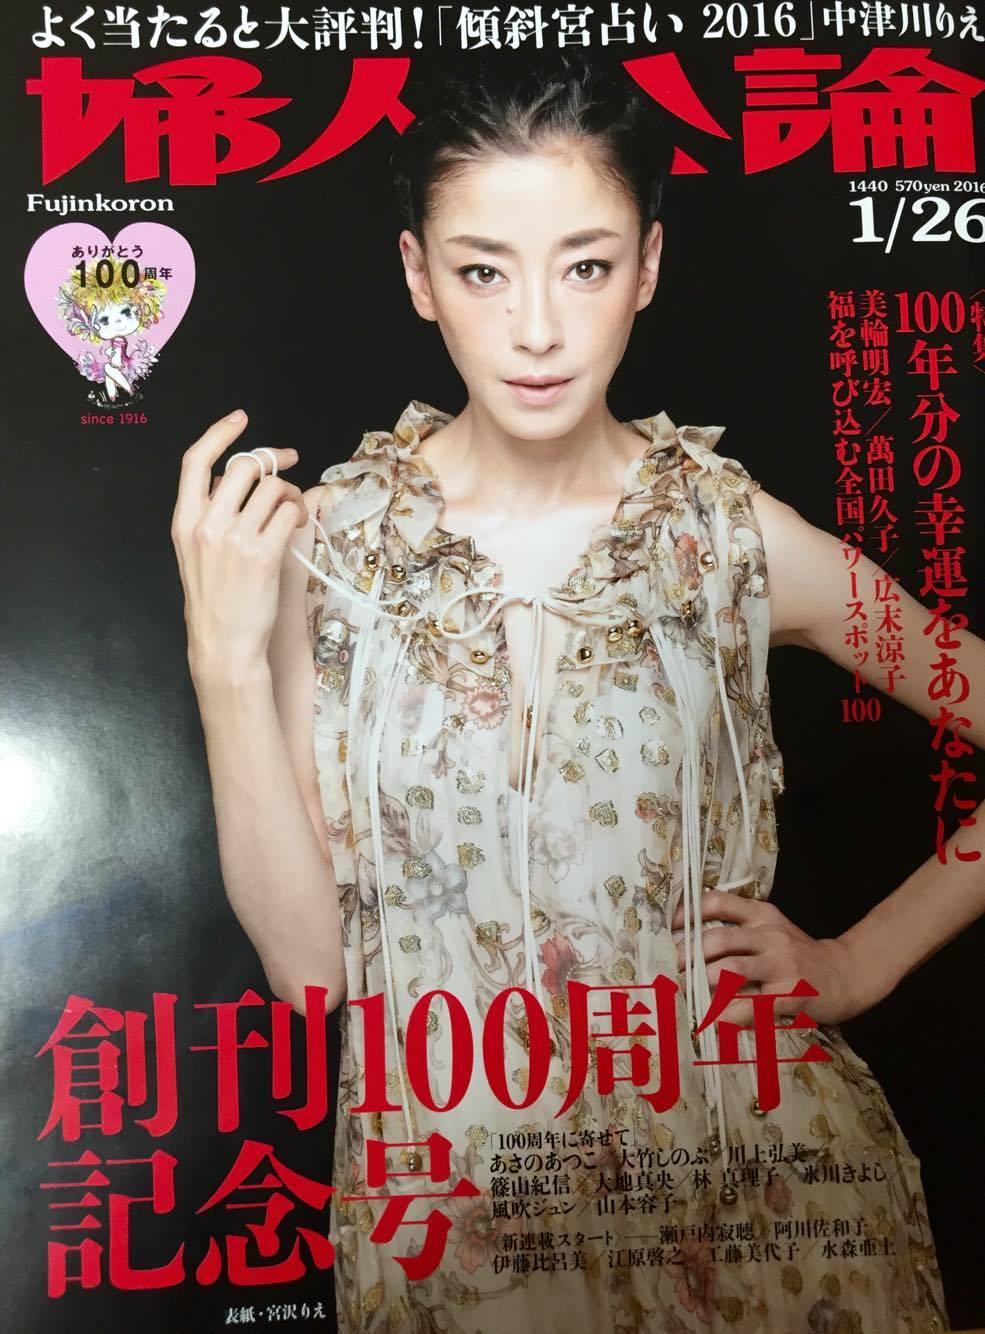 載った「婦人公論創刊100号記念号」に「前傾姿勢」の本が!